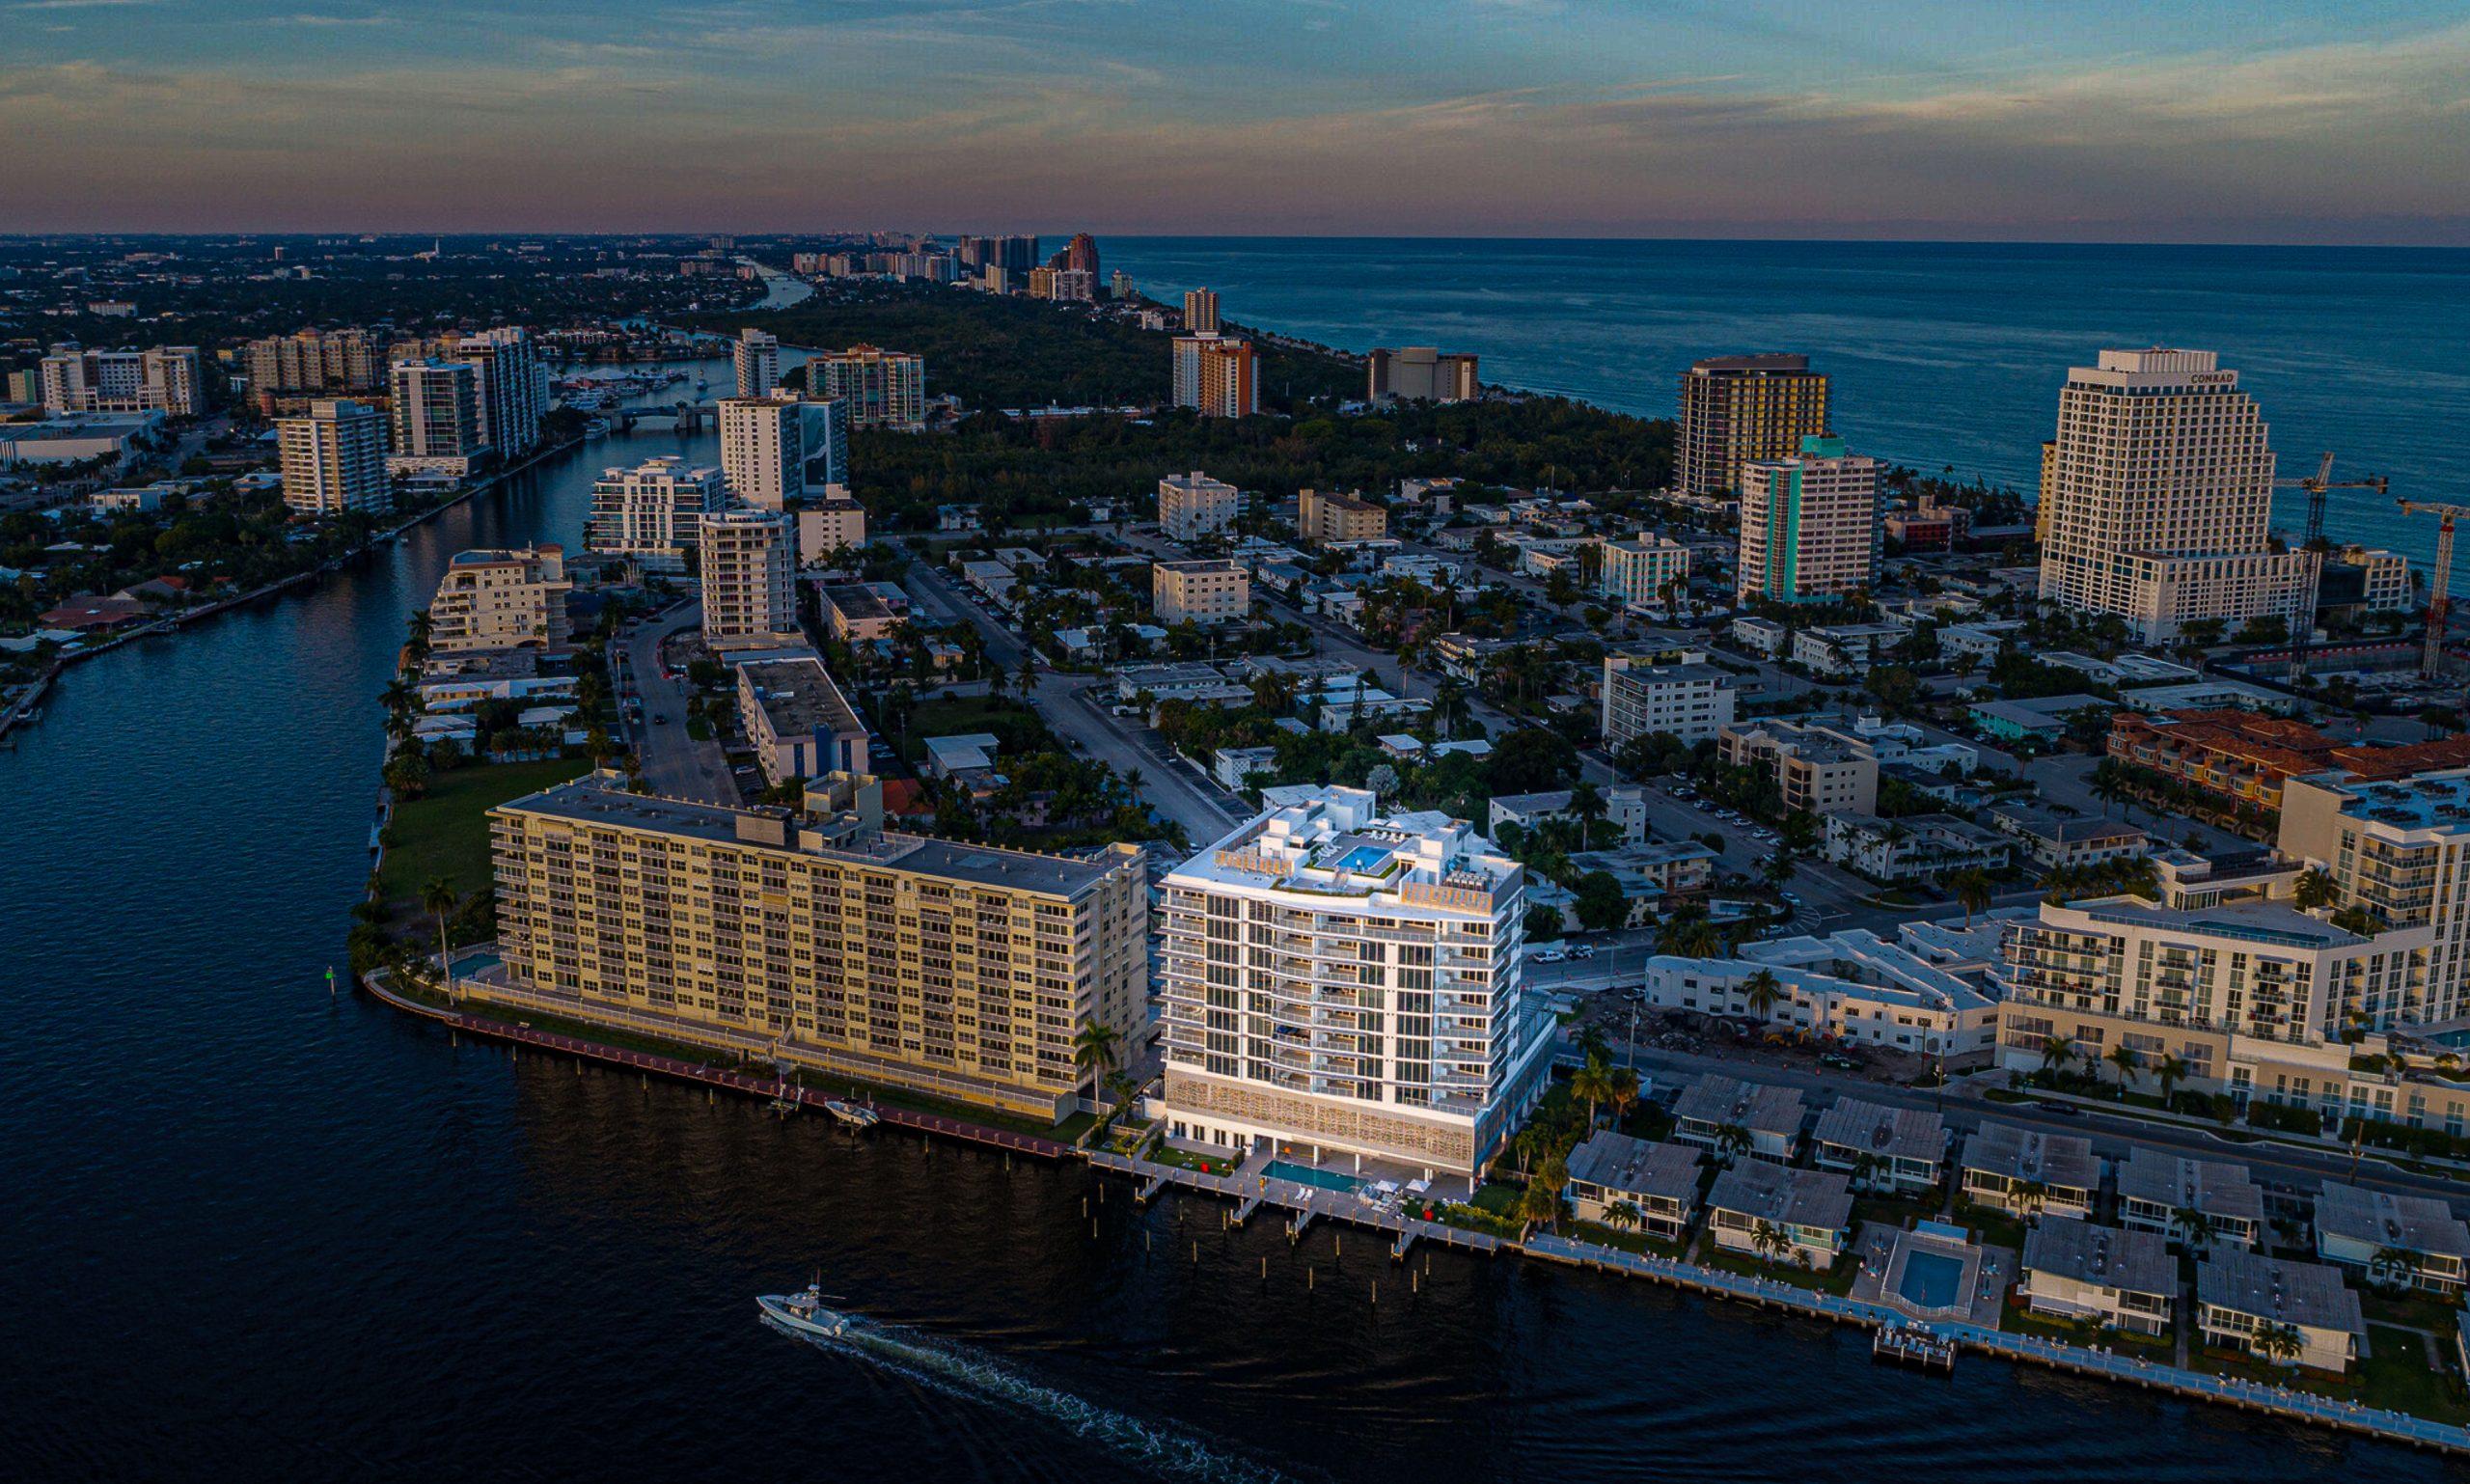 ADAGIO Fort Lauderdale. Designed by GarciaStromberg | GS4 Studios.